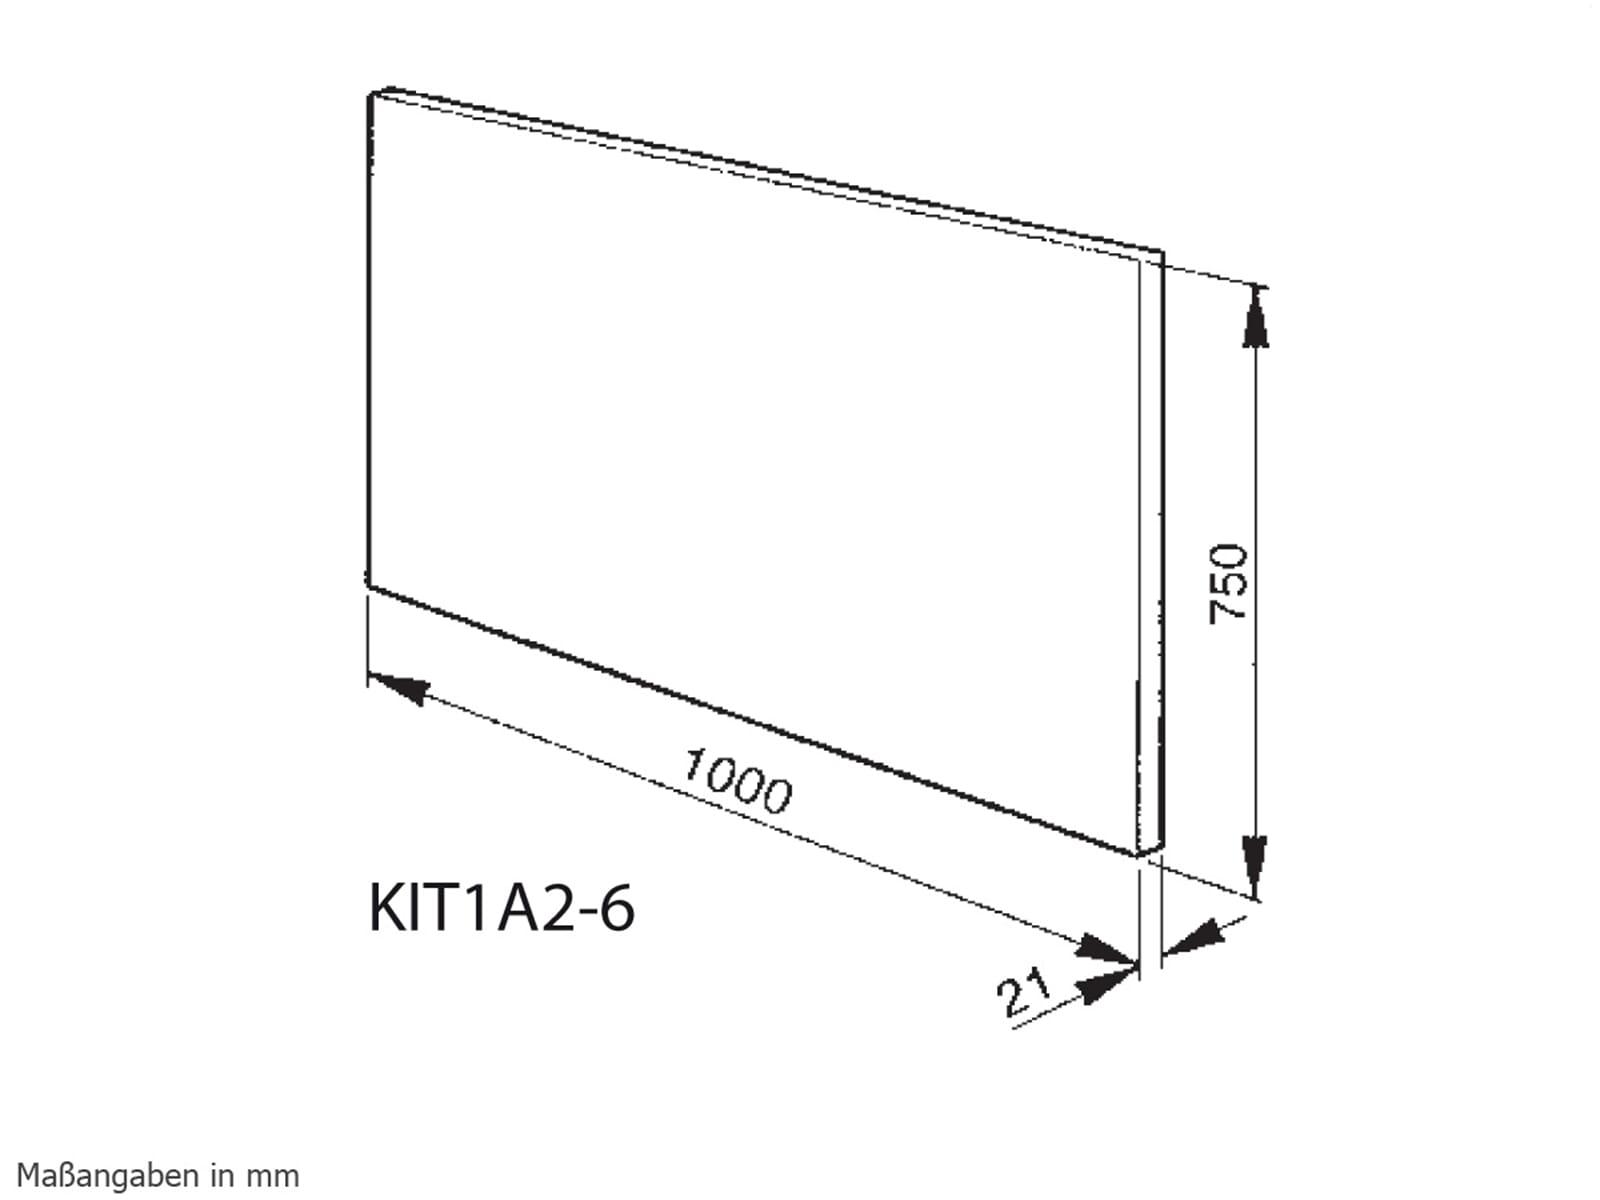 Smeg KIT1A2-6 Rückwandpaneel Edelstahl